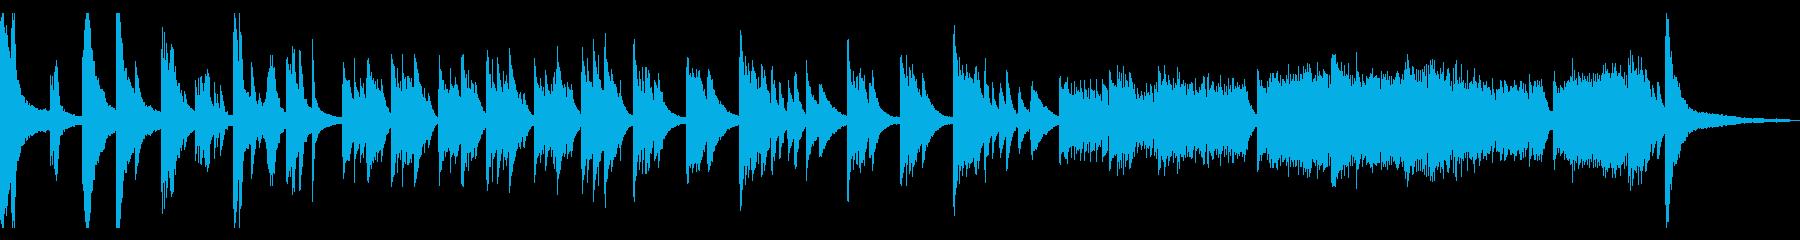 荘厳な和風ピアノソロの再生済みの波形